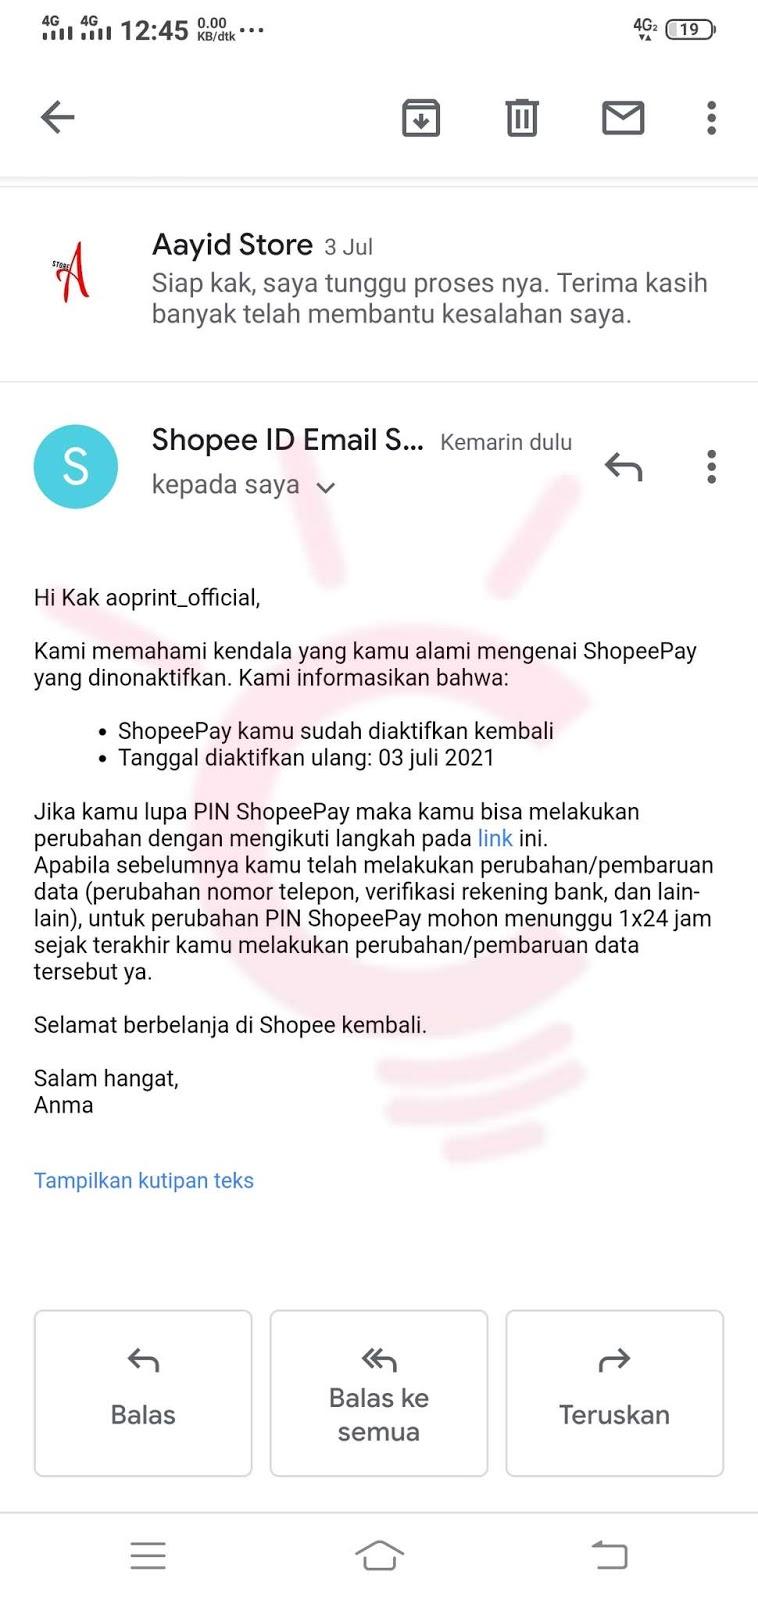 Cara Memulihkan Akun ShopeePay Yang Dinonaktifkan Karena Salah Pin